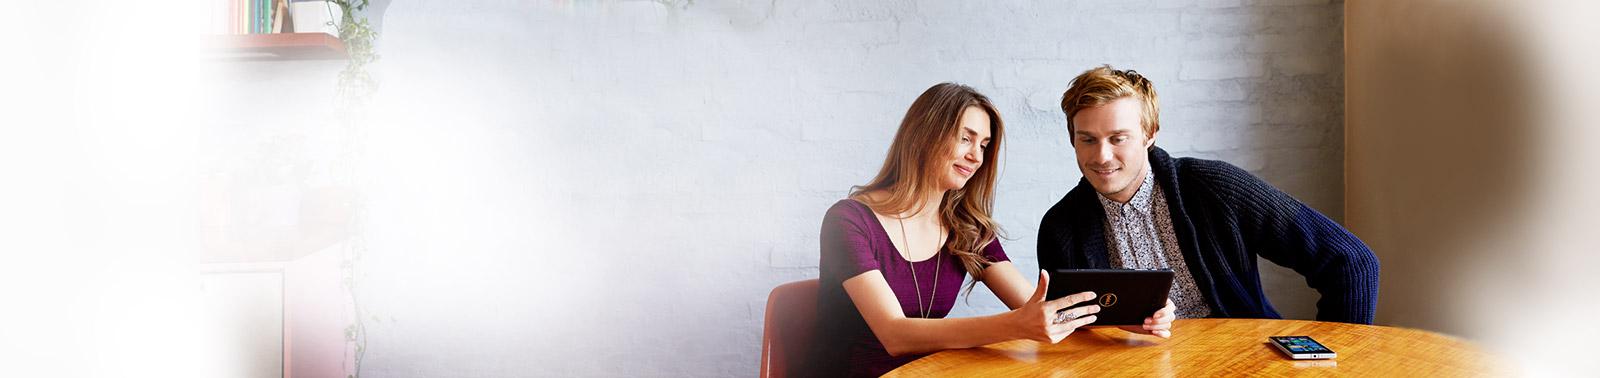 Eine Frau an einem Tisch, die ein Tablet hält, das sie dem Mann neben ihr zeigt.